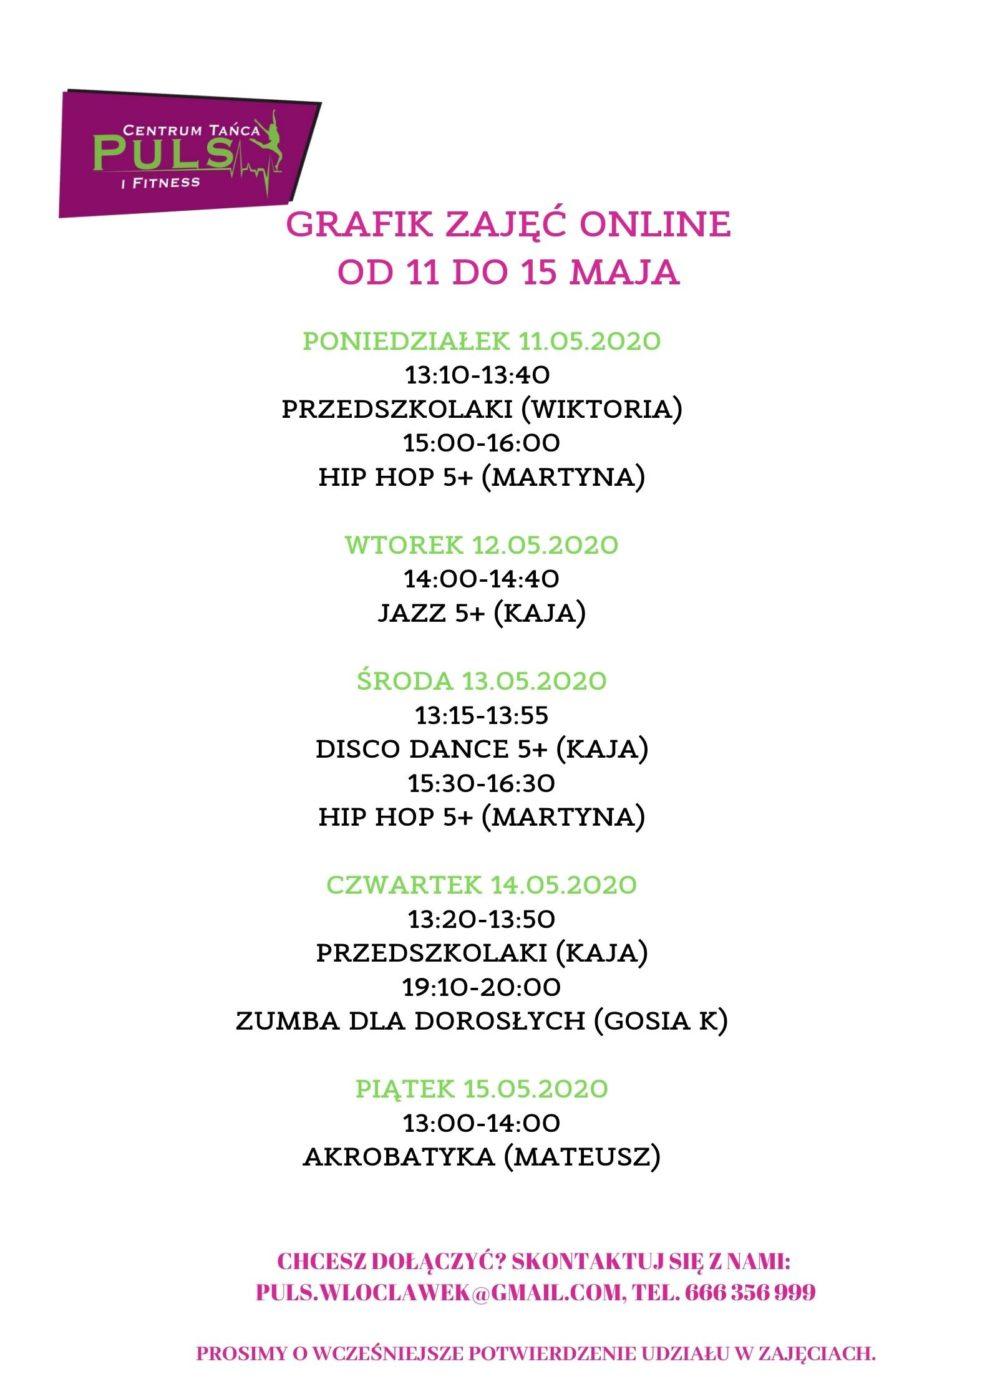 Grafik zajęć online od 11.05 do 15.05